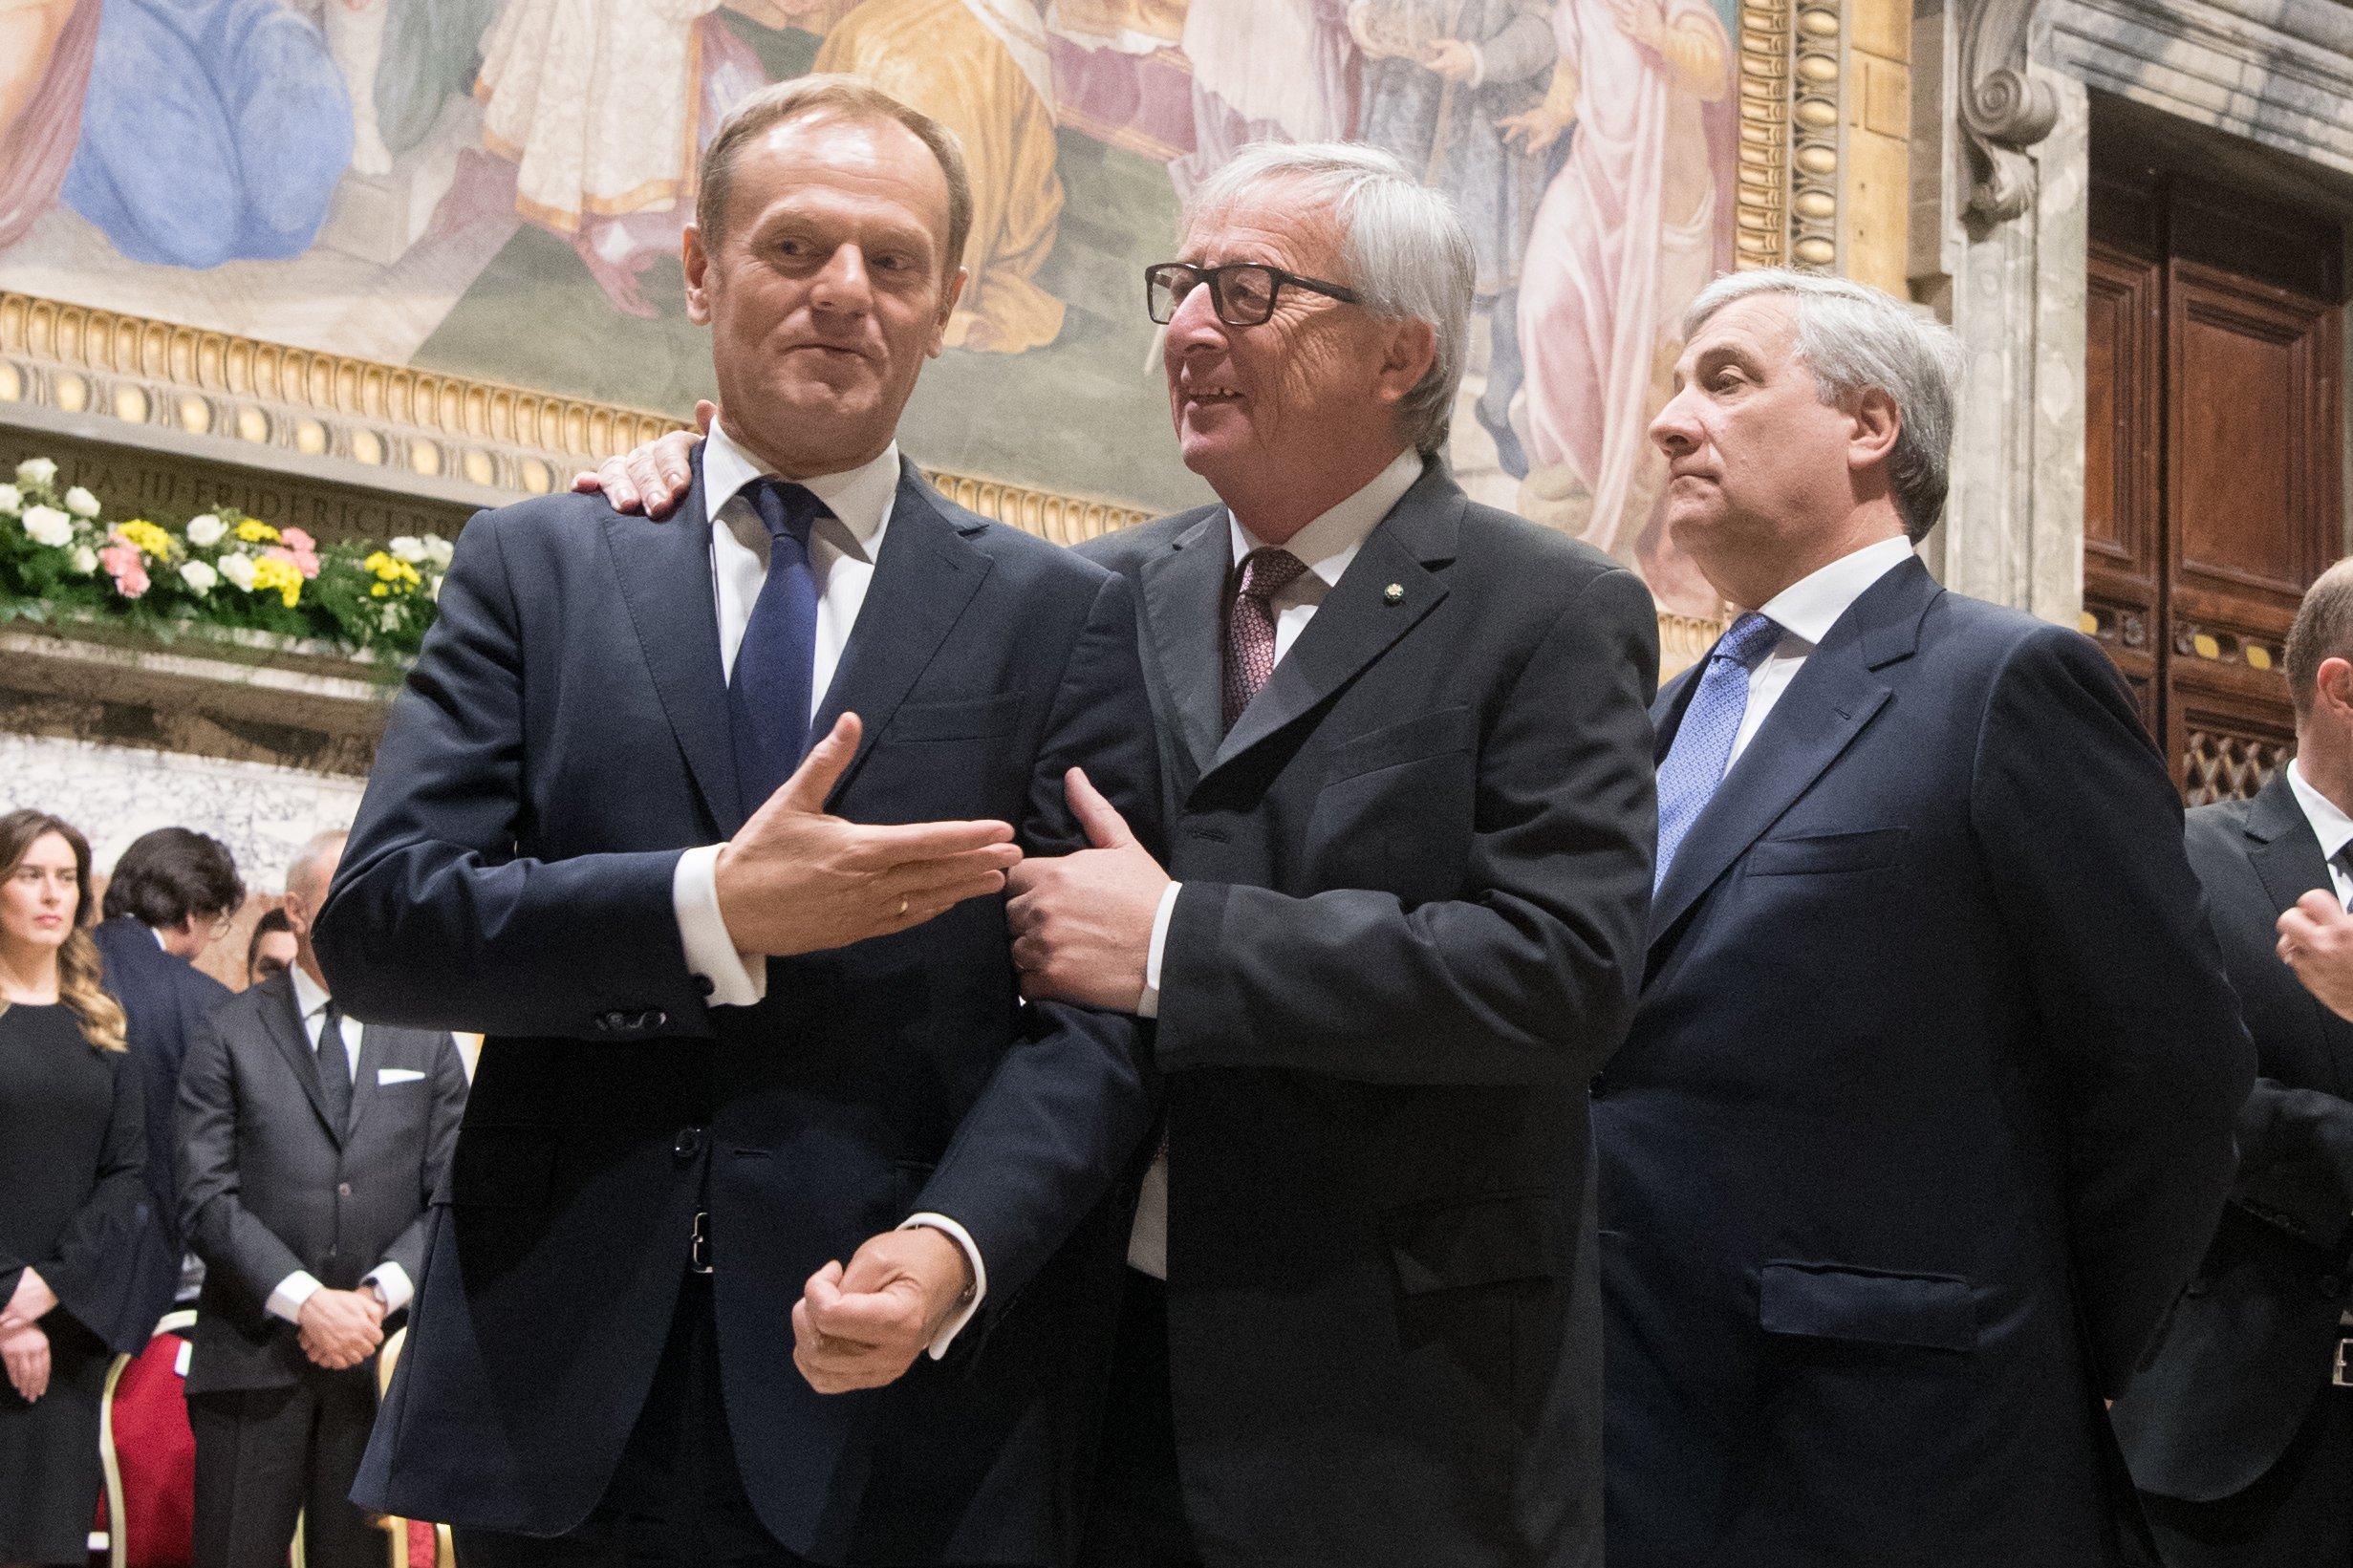 ANIVERSARI TRACTAT ROMA - UE